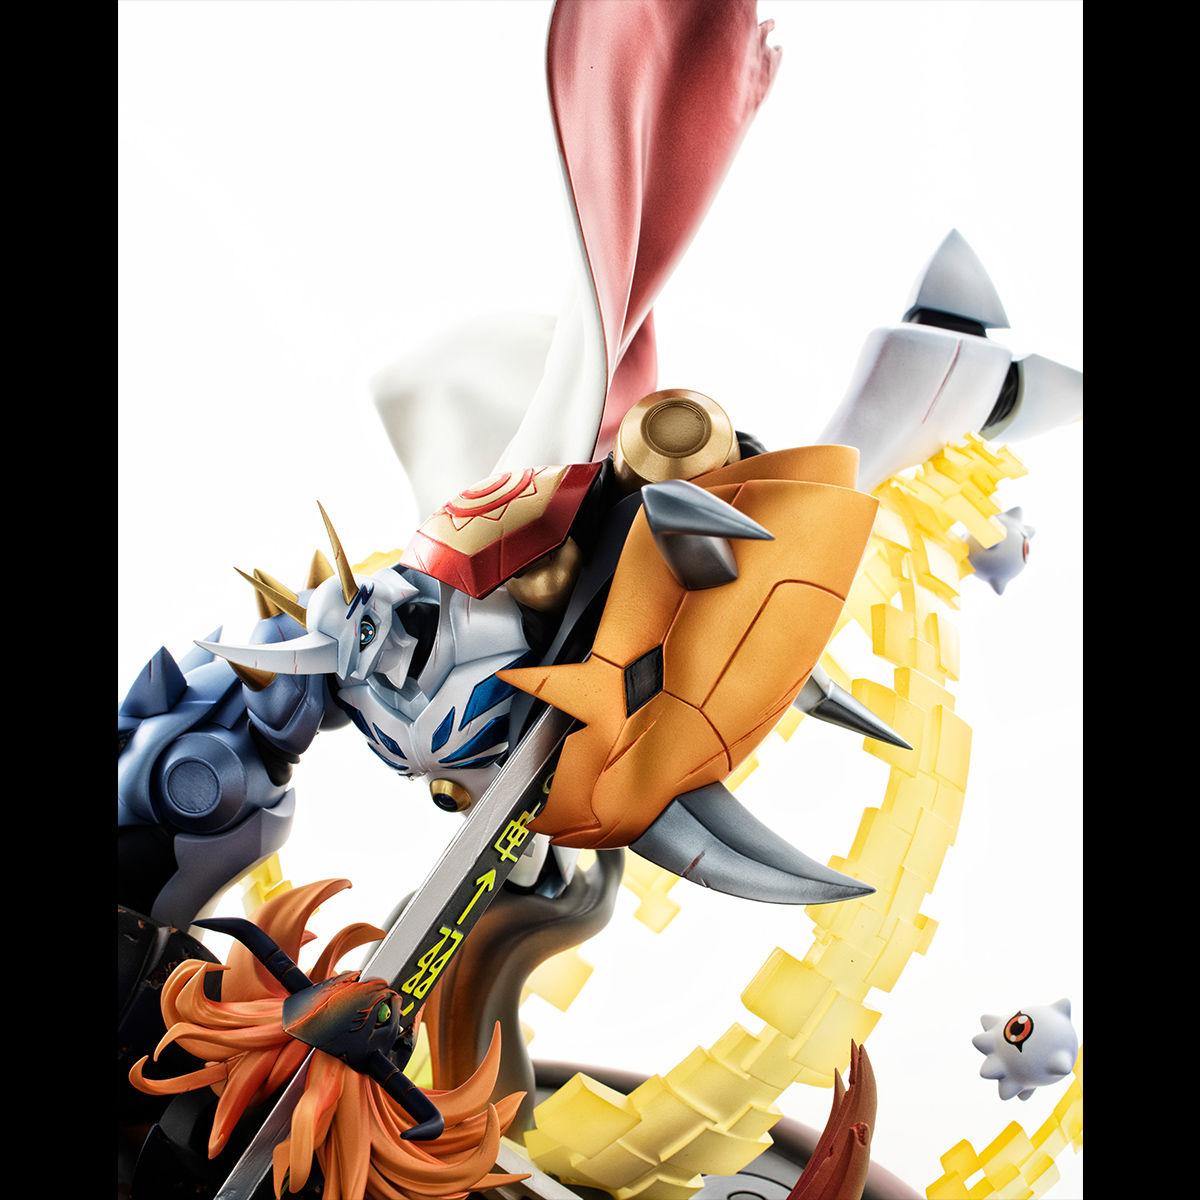 【限定販売】V.S.シリーズ『オメガモン vs ディアボロモン』デジモンアドベンチャー ぼくらのウォーゲーム! 完成品フィギュア-008